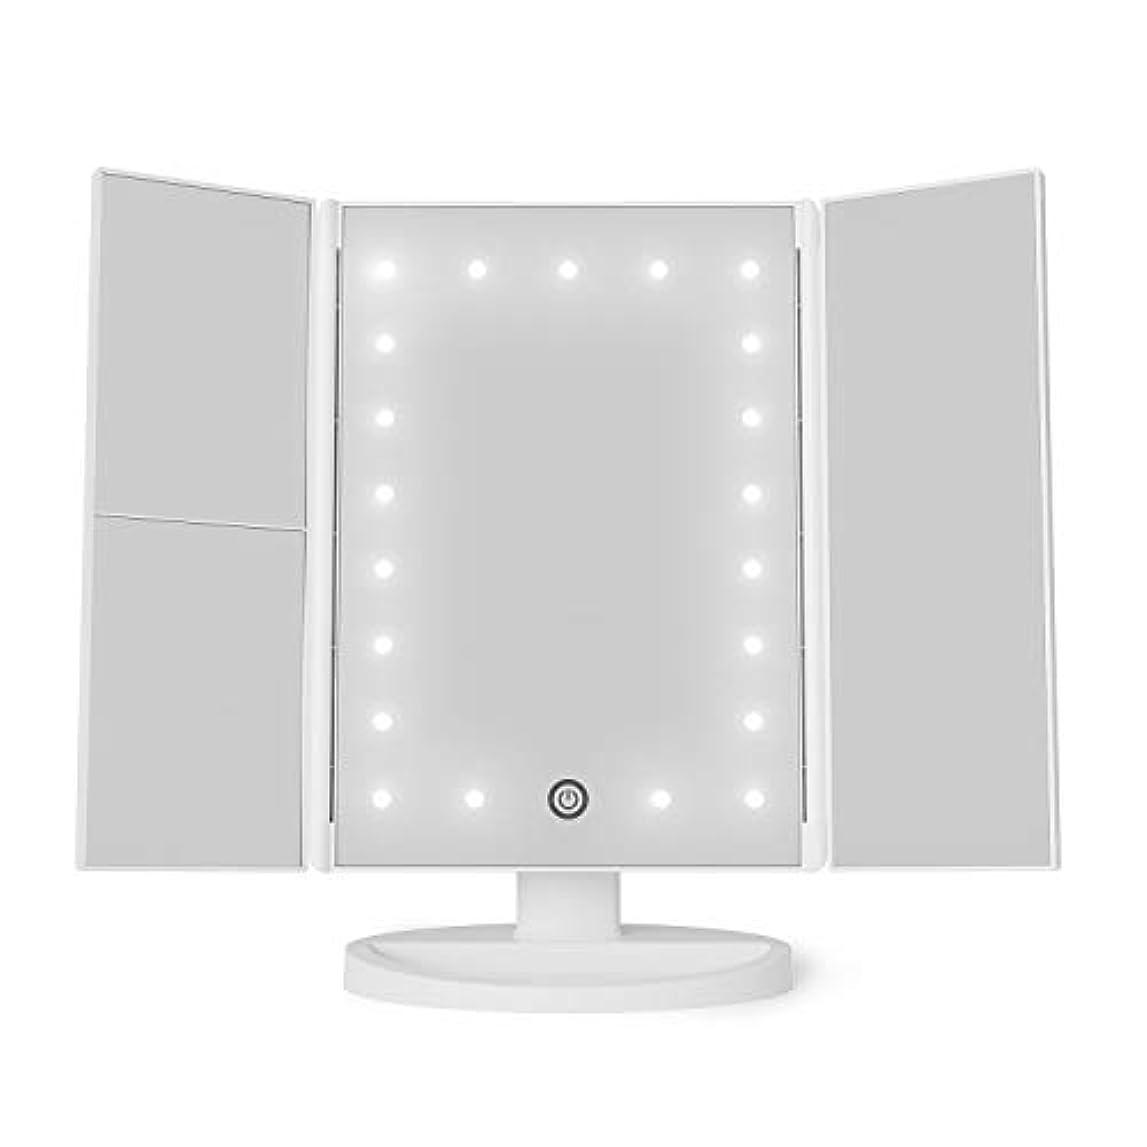 名前でロシアマナーPinkleStar 化粧鏡 化粧ミラー 鏡 三面鏡 女優ミラー 卓上 led付き 折りたたみ 拡大鏡 2&3倍 明るさ調節可能 180° 電池&USB (ホワイト)